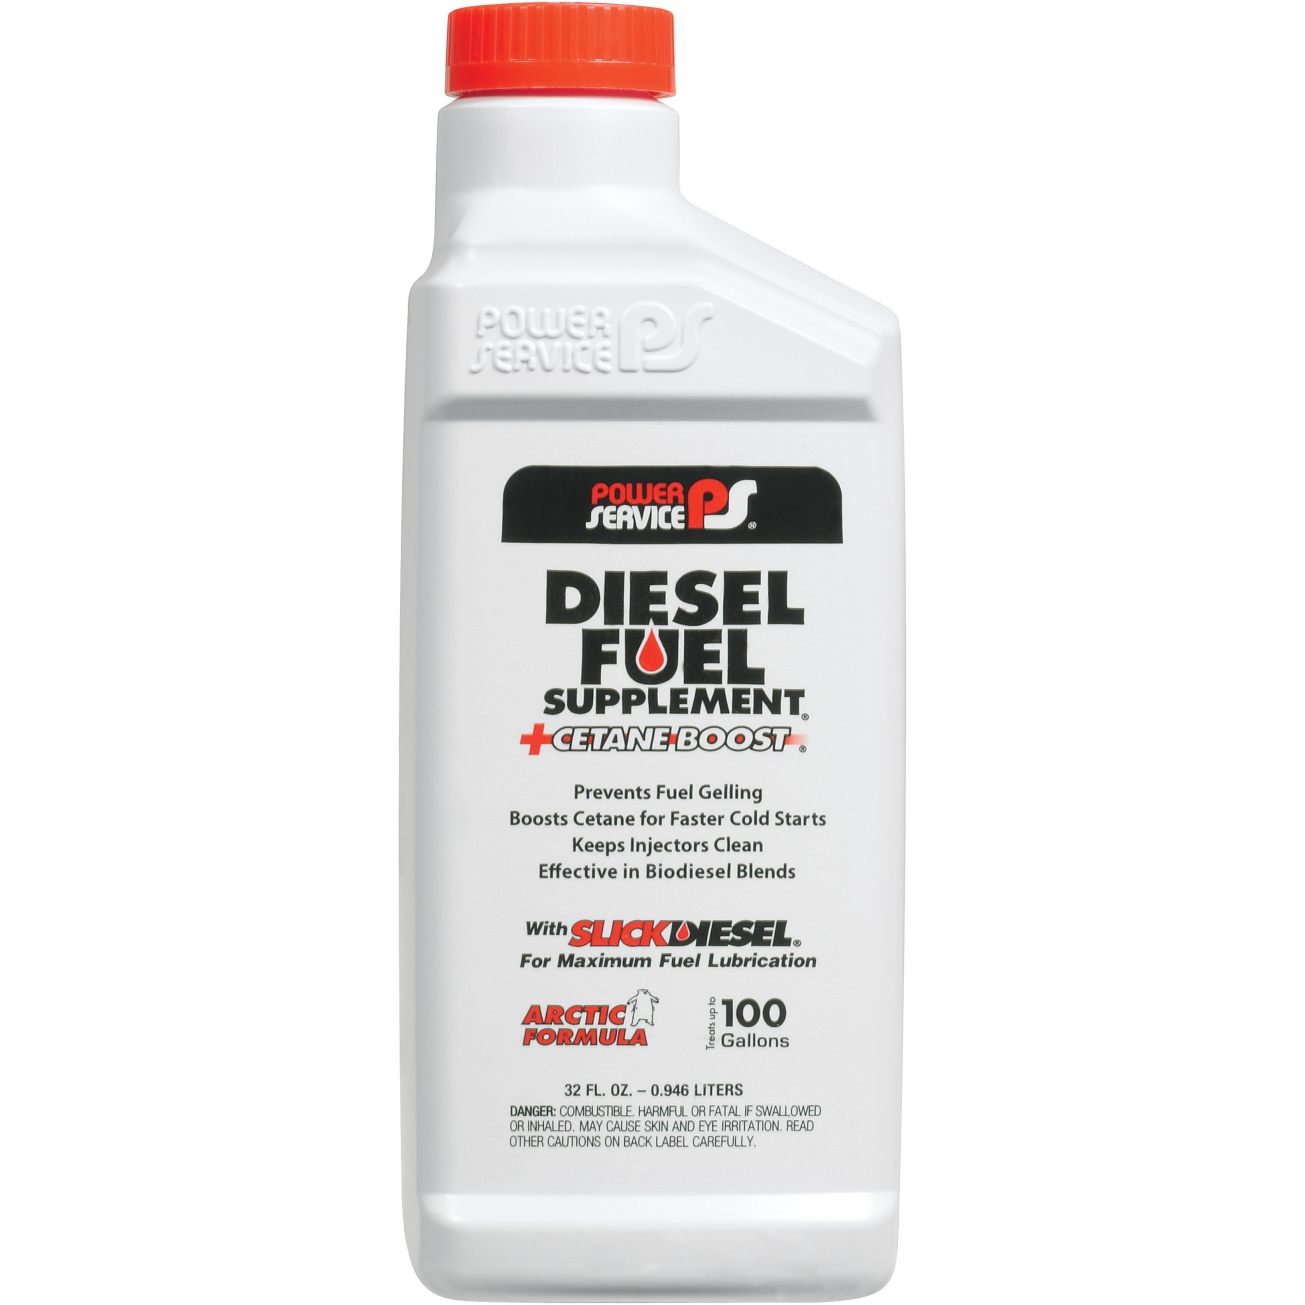 Diesel Fuel Antigel Supplement Plus Cetane Boost